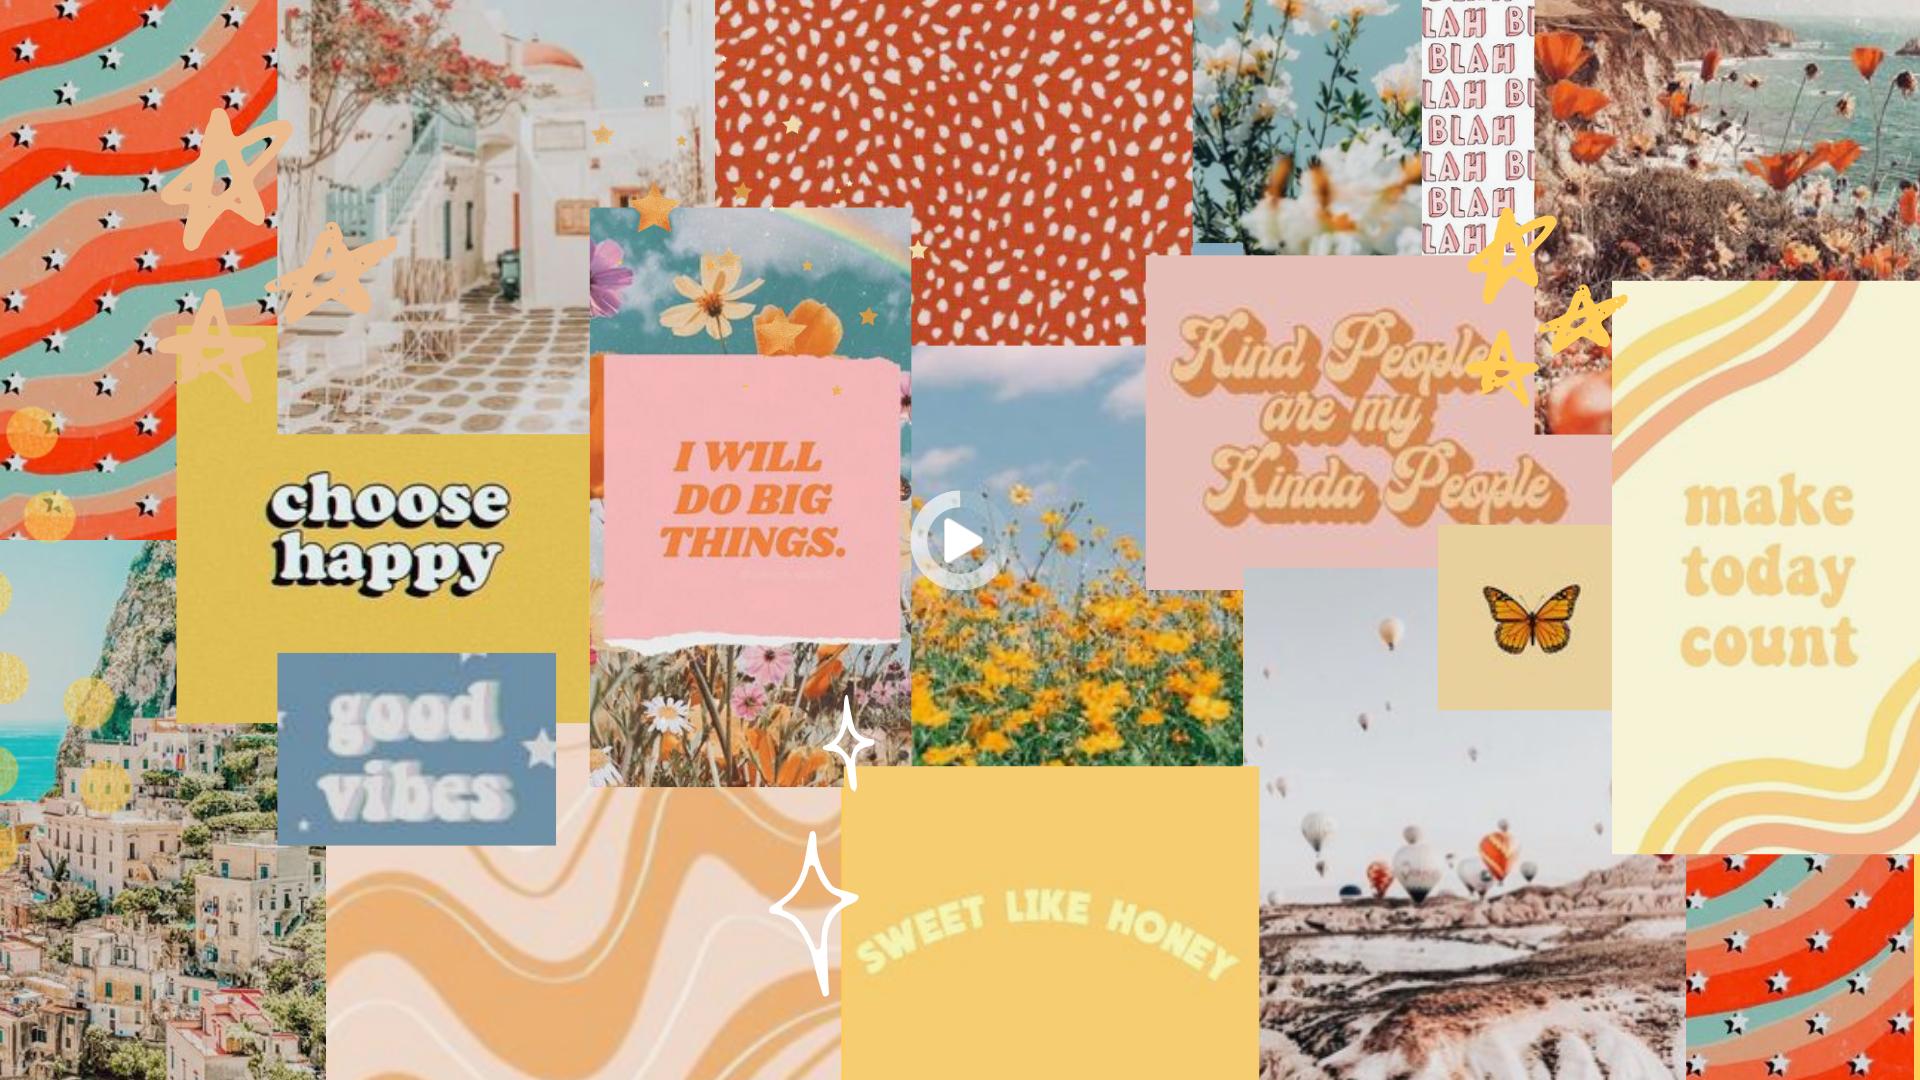 Collage De Estetica De Fondo De Escritorio In 2021 Cute Desktop Wallpaper Computer Wallpaper Desktop Wallpapers Aesthetic Desktop Wallpaper